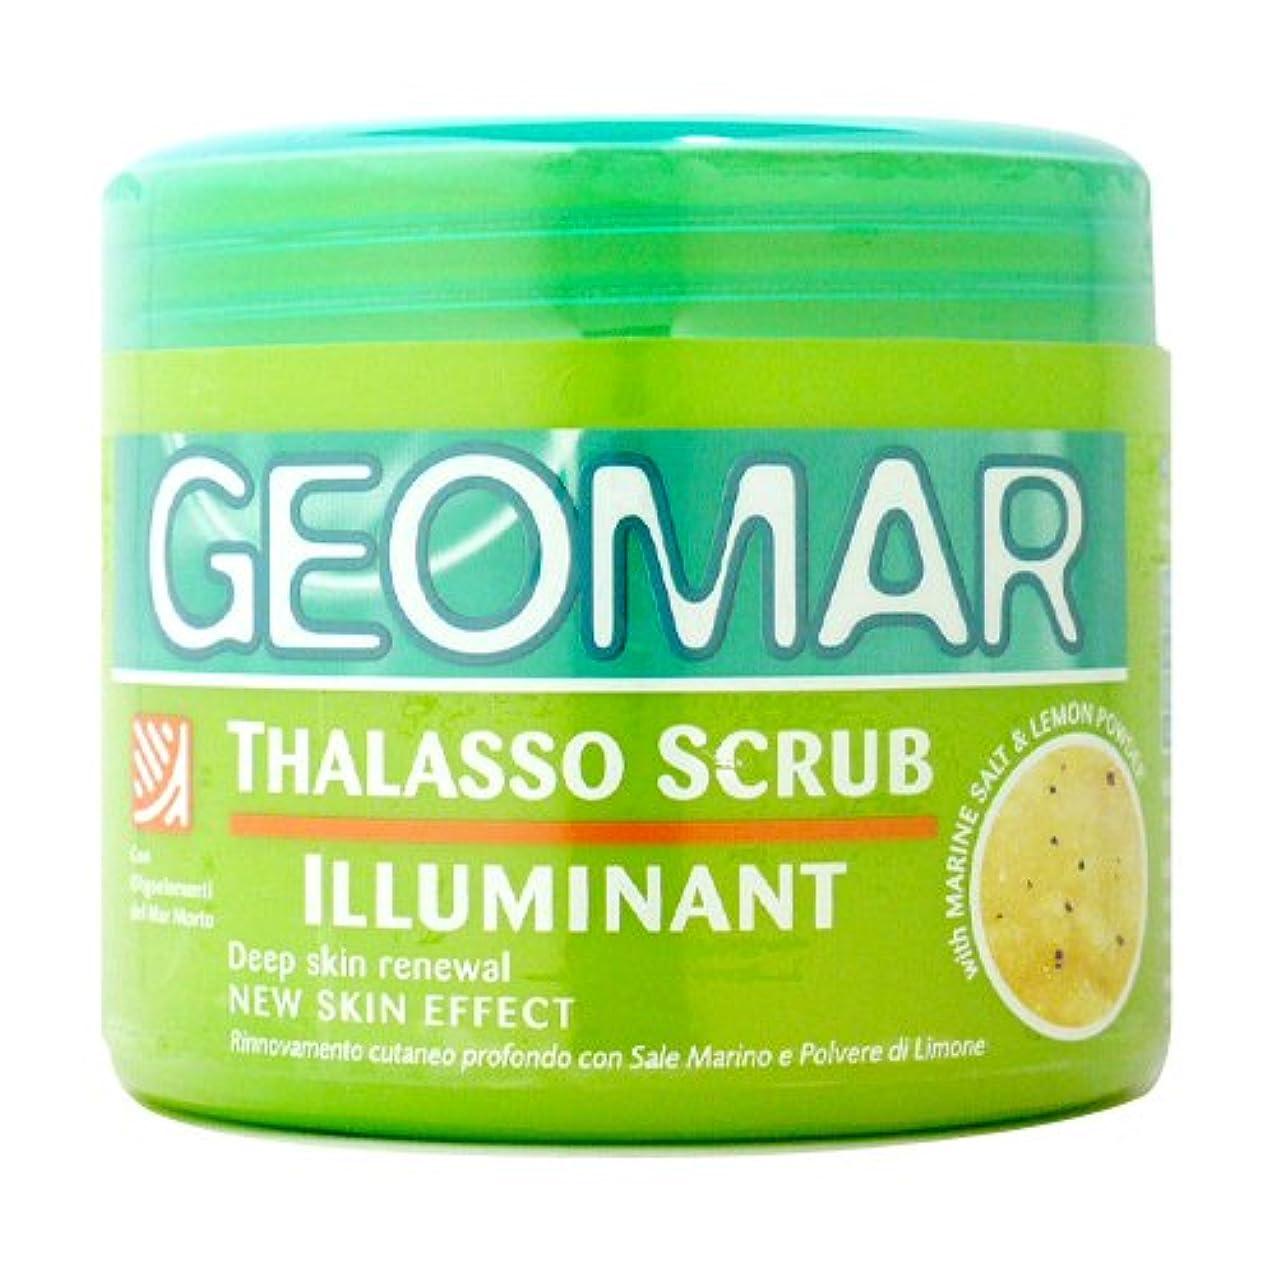 資料しっかり耐久ジェオマール タラソスクラブ イルミナント (ブライトレモン) 600g